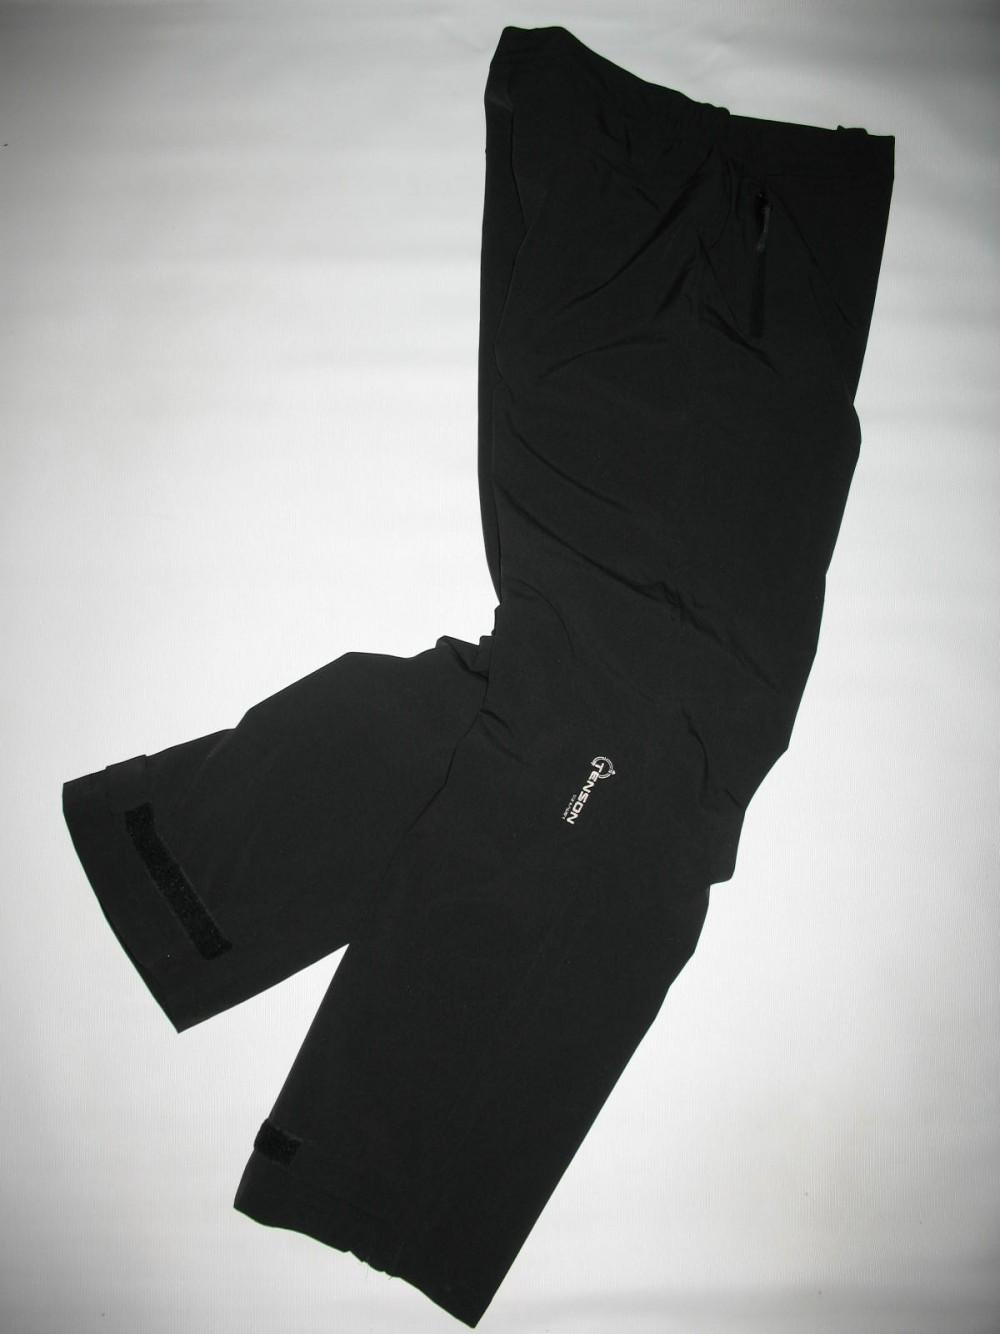 Штаны TENSON biscaya pants (размер M) - 1